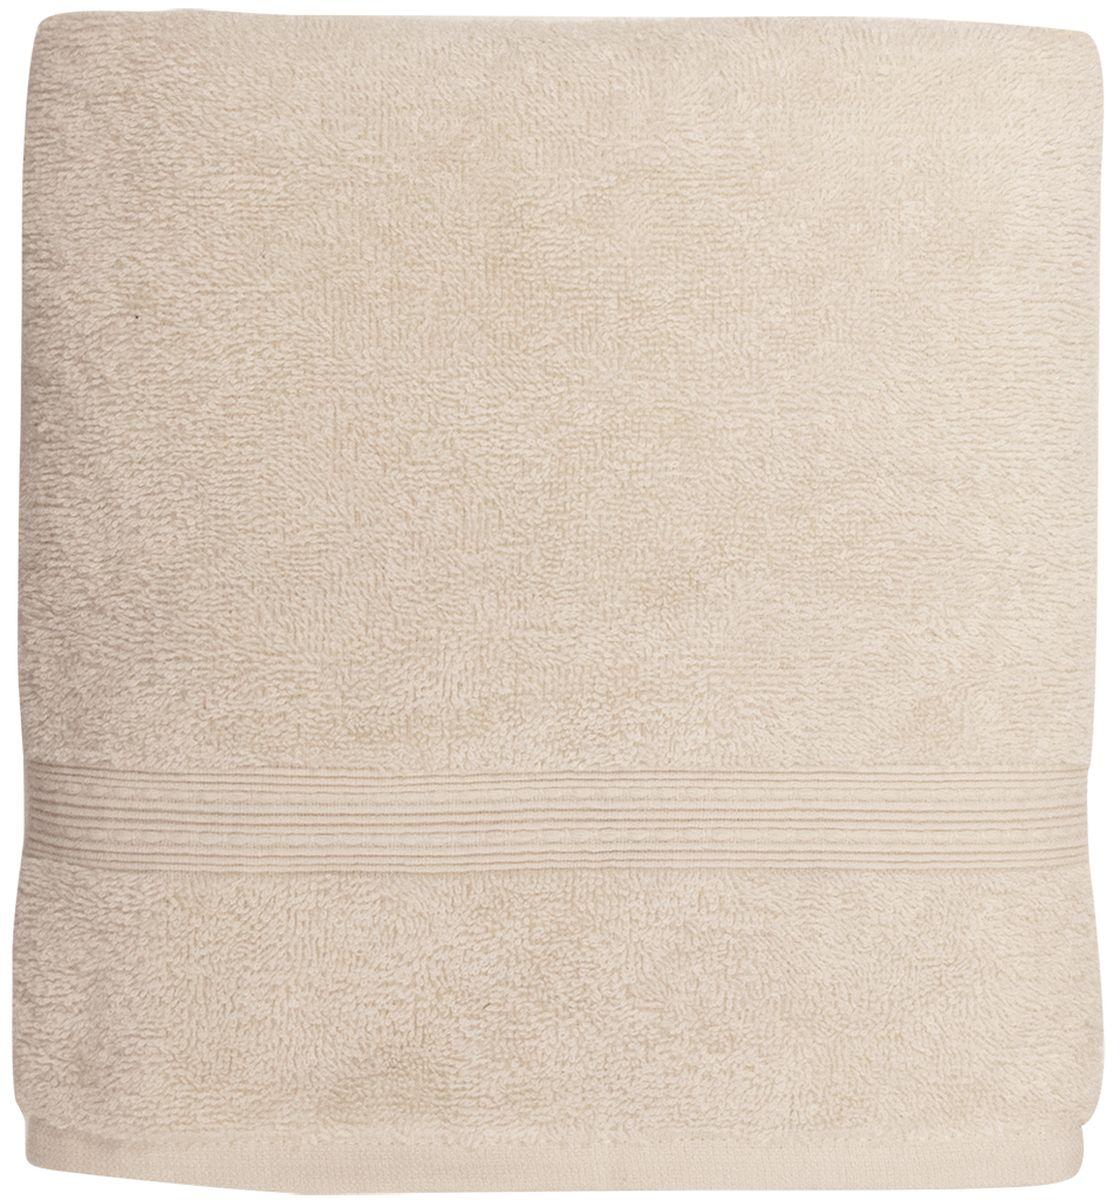 """Банное полотенце Bonita """"Classic"""" выполнено из 100% хлопка. Изделие отлично впитывает влагу, быстро сохнет, сохраняет яркость цвета и не теряет форму даже после многократных стирок. Такое полотенце очень практично и неприхотливо в уходе. Оно создаст прекрасное настроение и украсит интерьер в ванной комнате."""